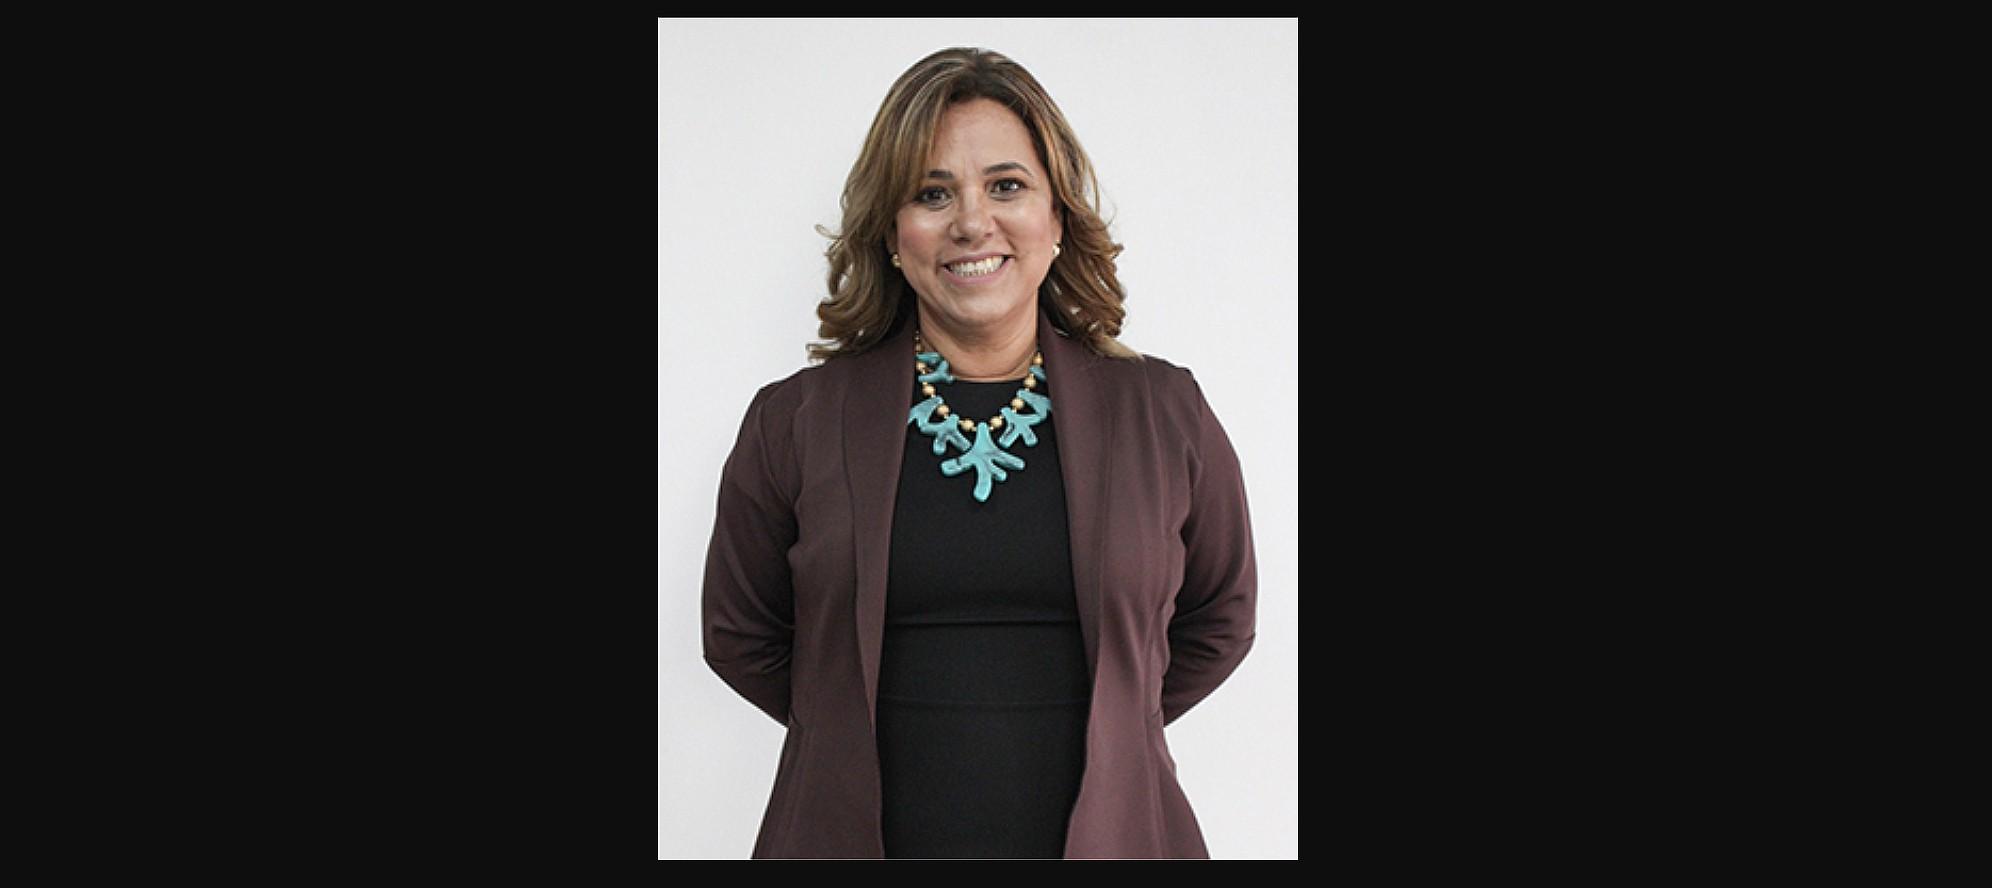 Secretária de saúde de Pinda é exonerada após demissão do Estado por suspeita de esquema 'fura fila'